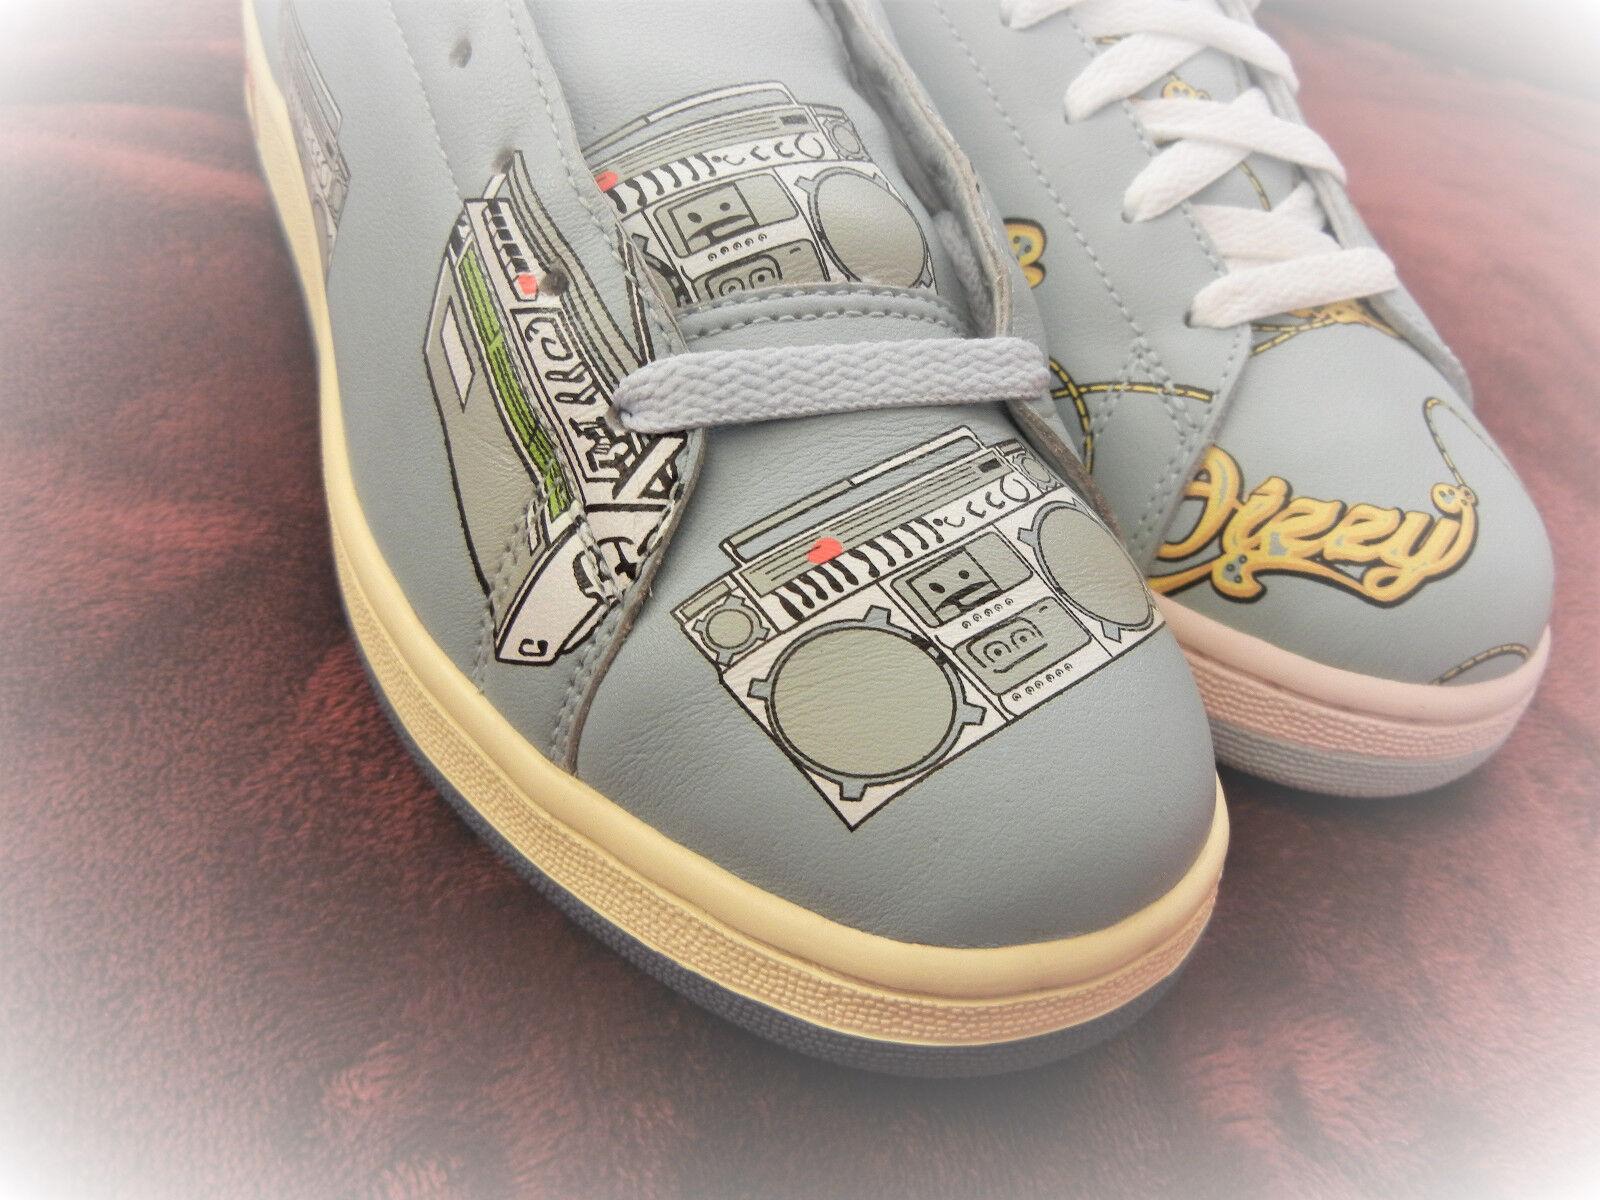 Reebok Helado  BoomBoxazul No.788  NameChain zapatos talla 8.5 8.5 8.5  BOUTIQUES Rara  directo de fábrica